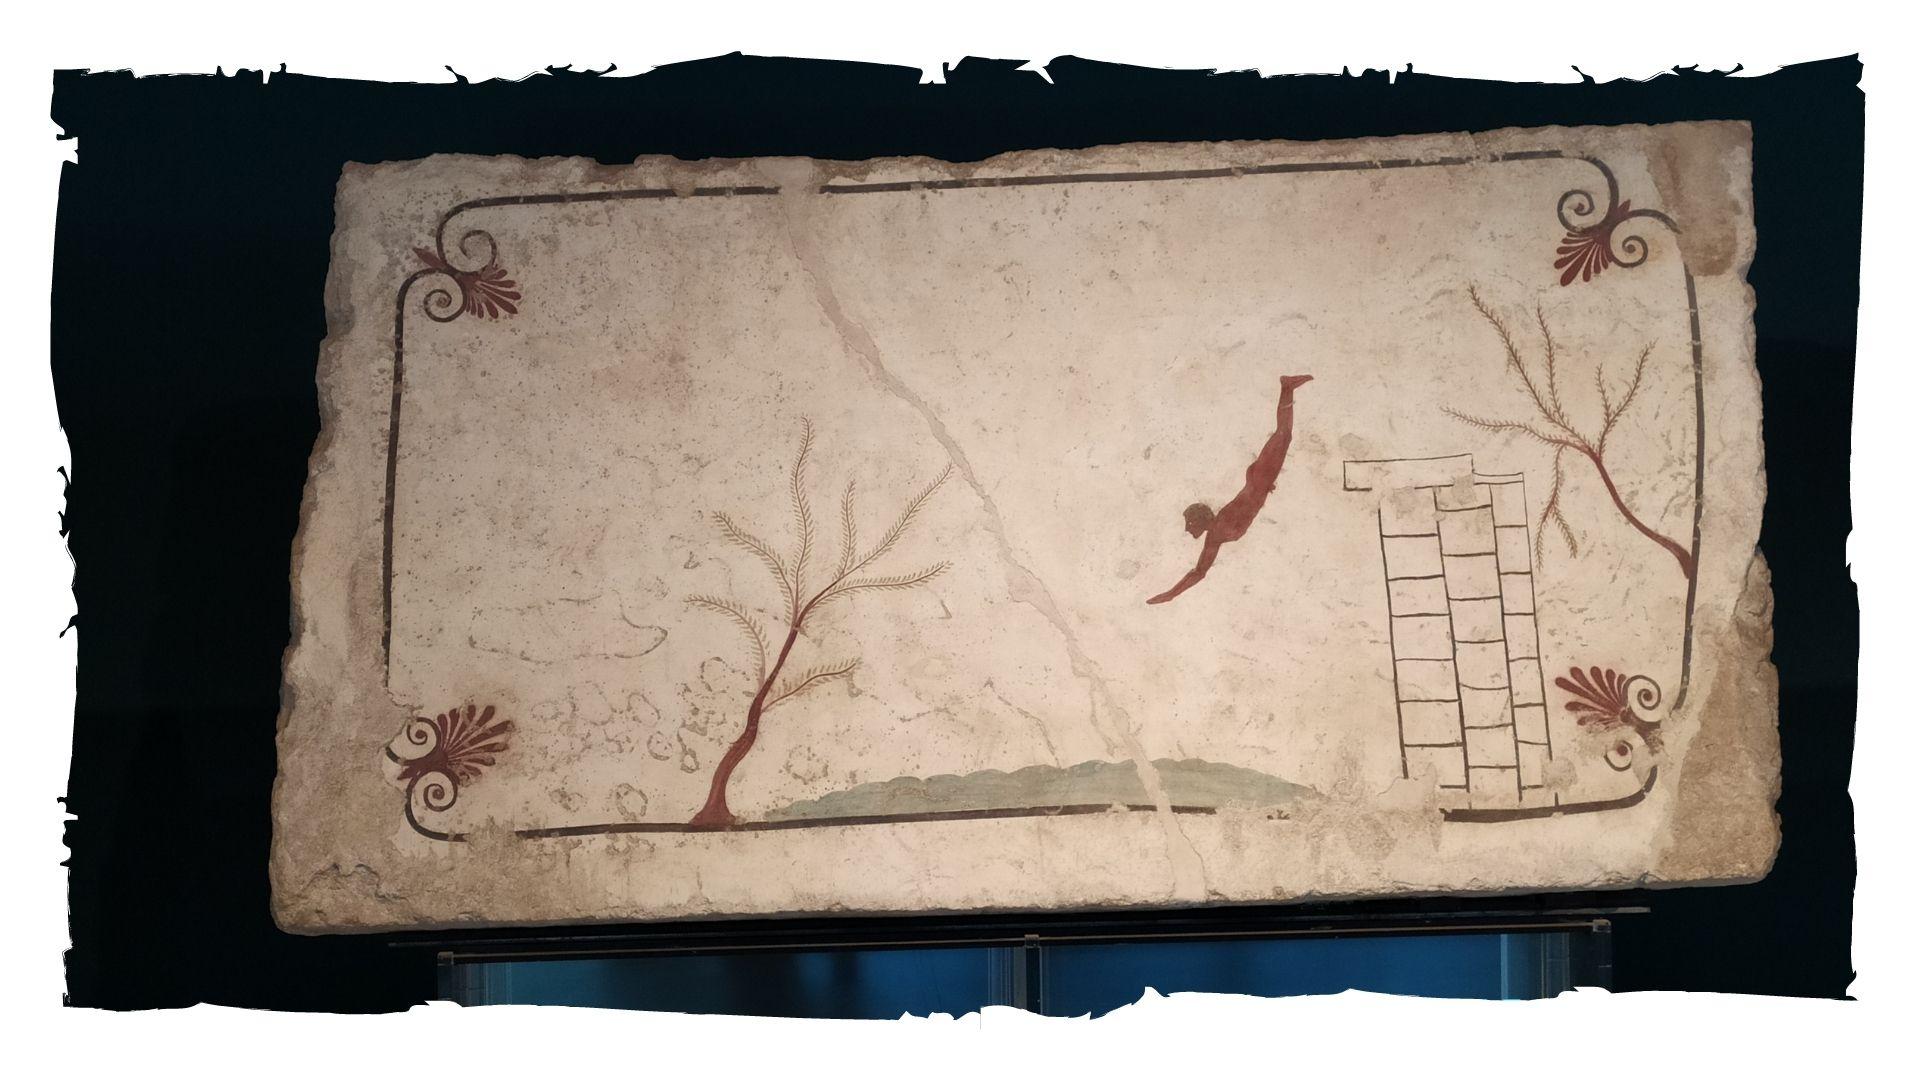 La tomba del tuffatore di Paestum